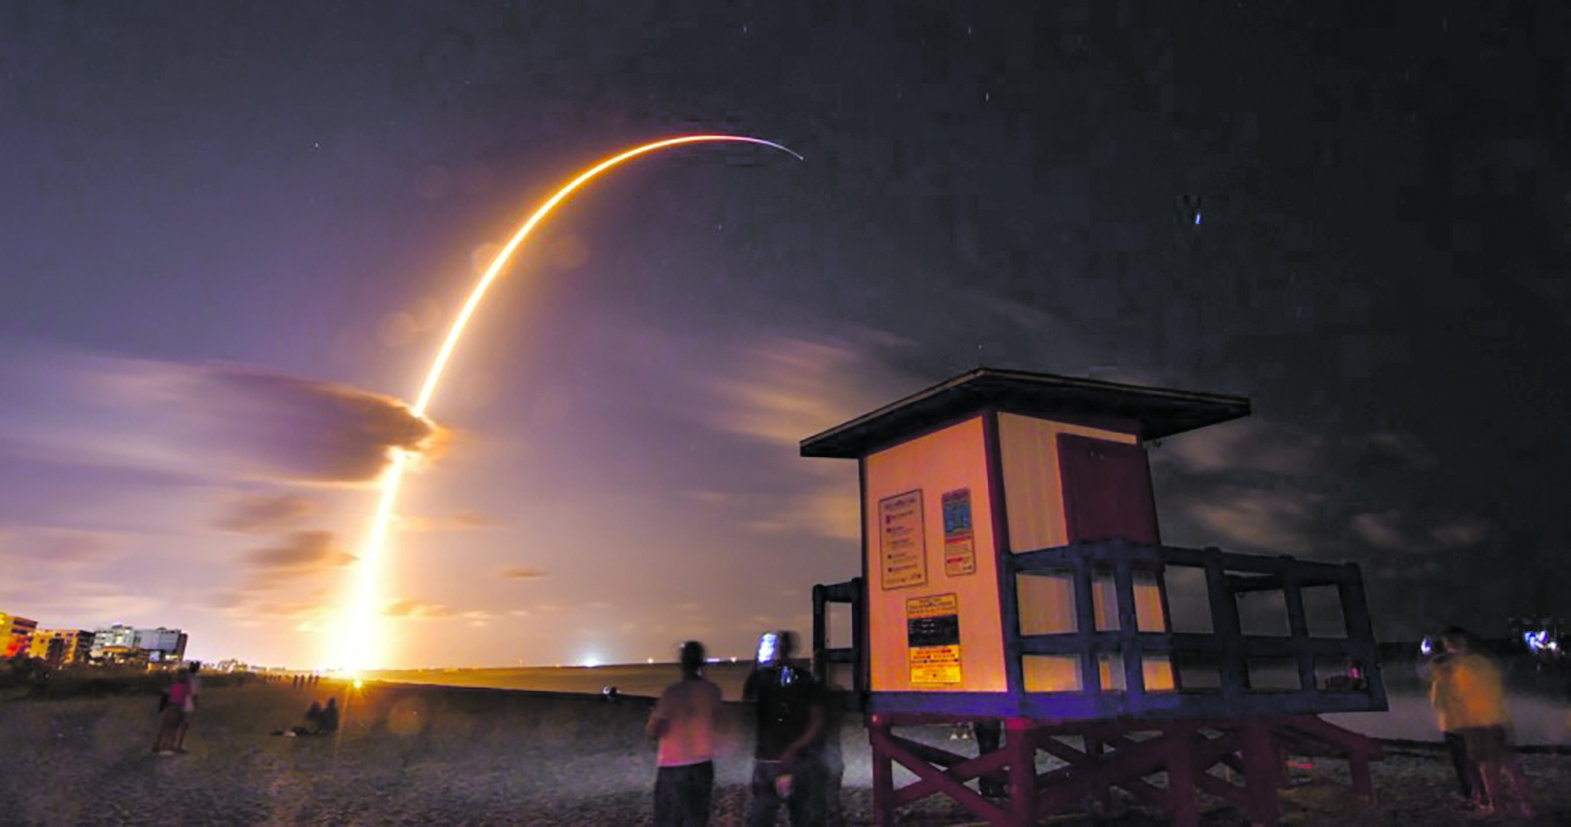 Старт ракеты-носителя Falcon 9 со спутниками системы Starlink 24 мая 2019 года (SpaceX)